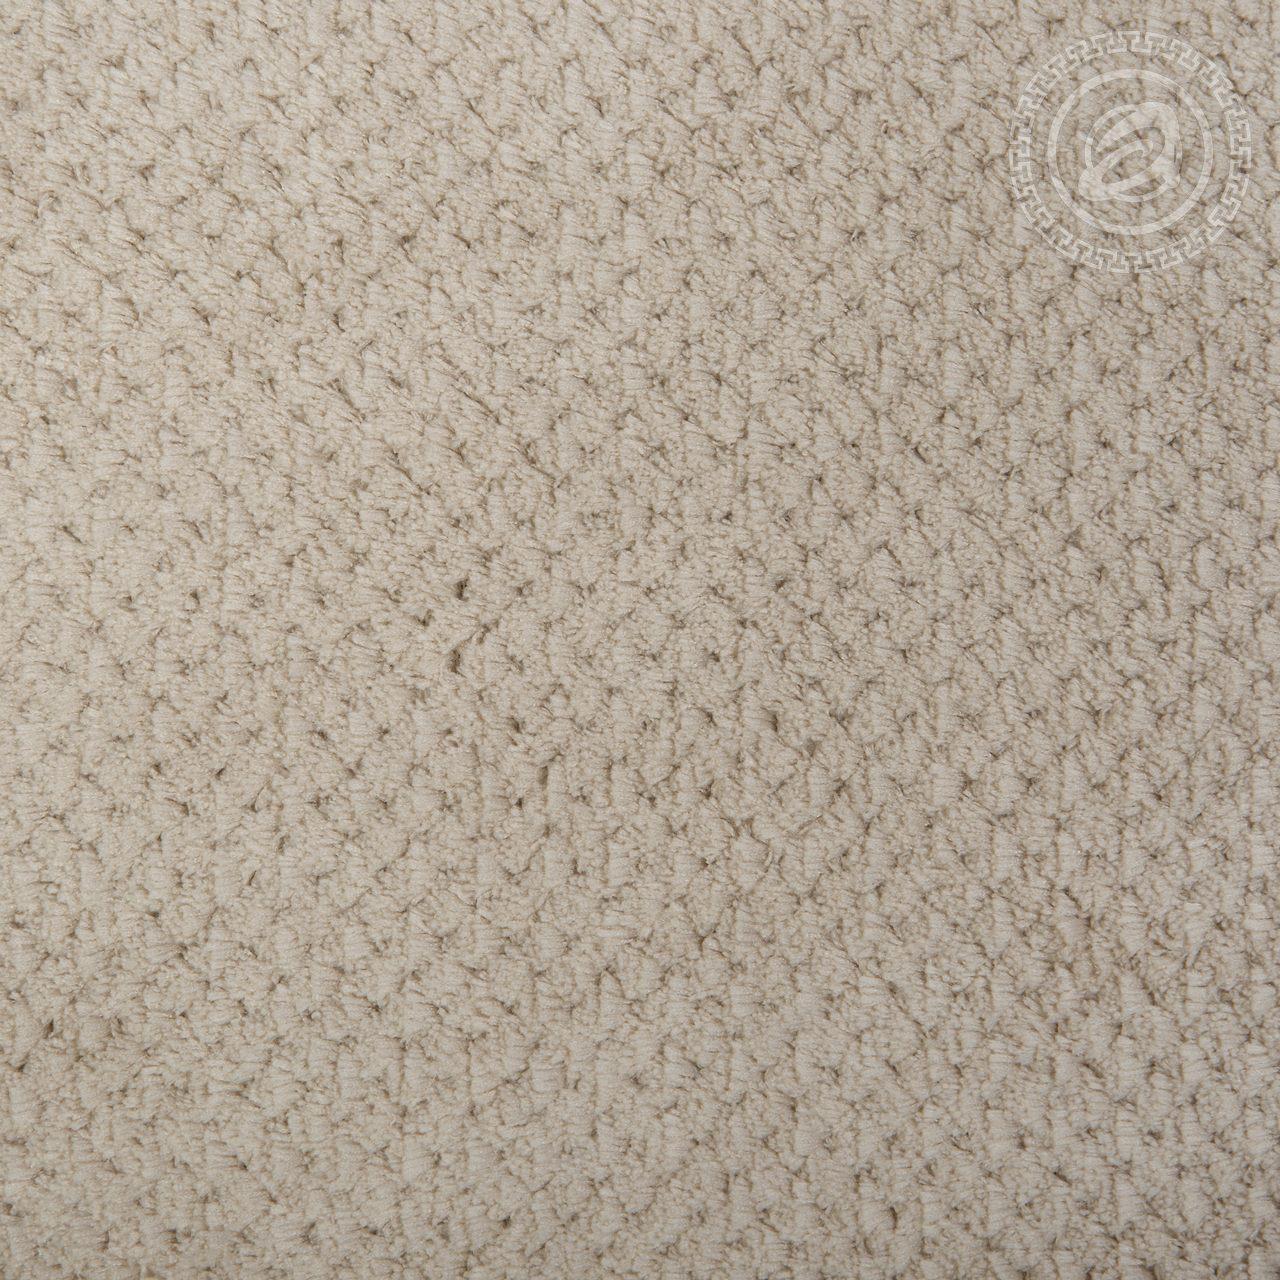 Набор для сауны арт. 01-0625 коричневый р. 2 пред.